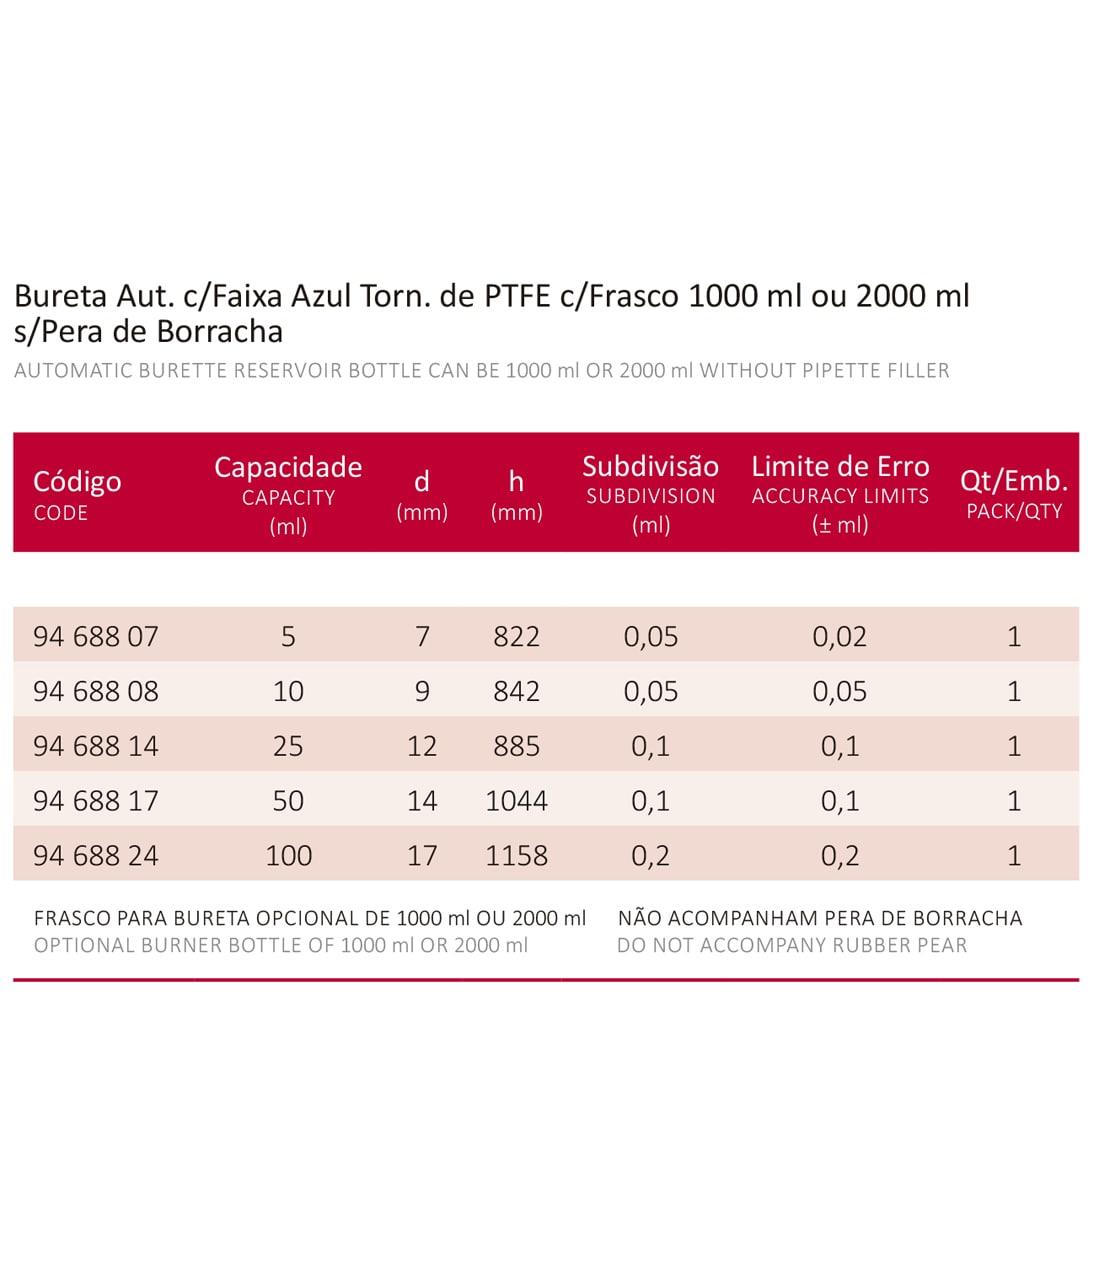 BURETA AUTOMÁTICA FAIXA AZUL. TOR. PTFE C/FRASCO 25 ML - Laborglas - Cód. 9468814